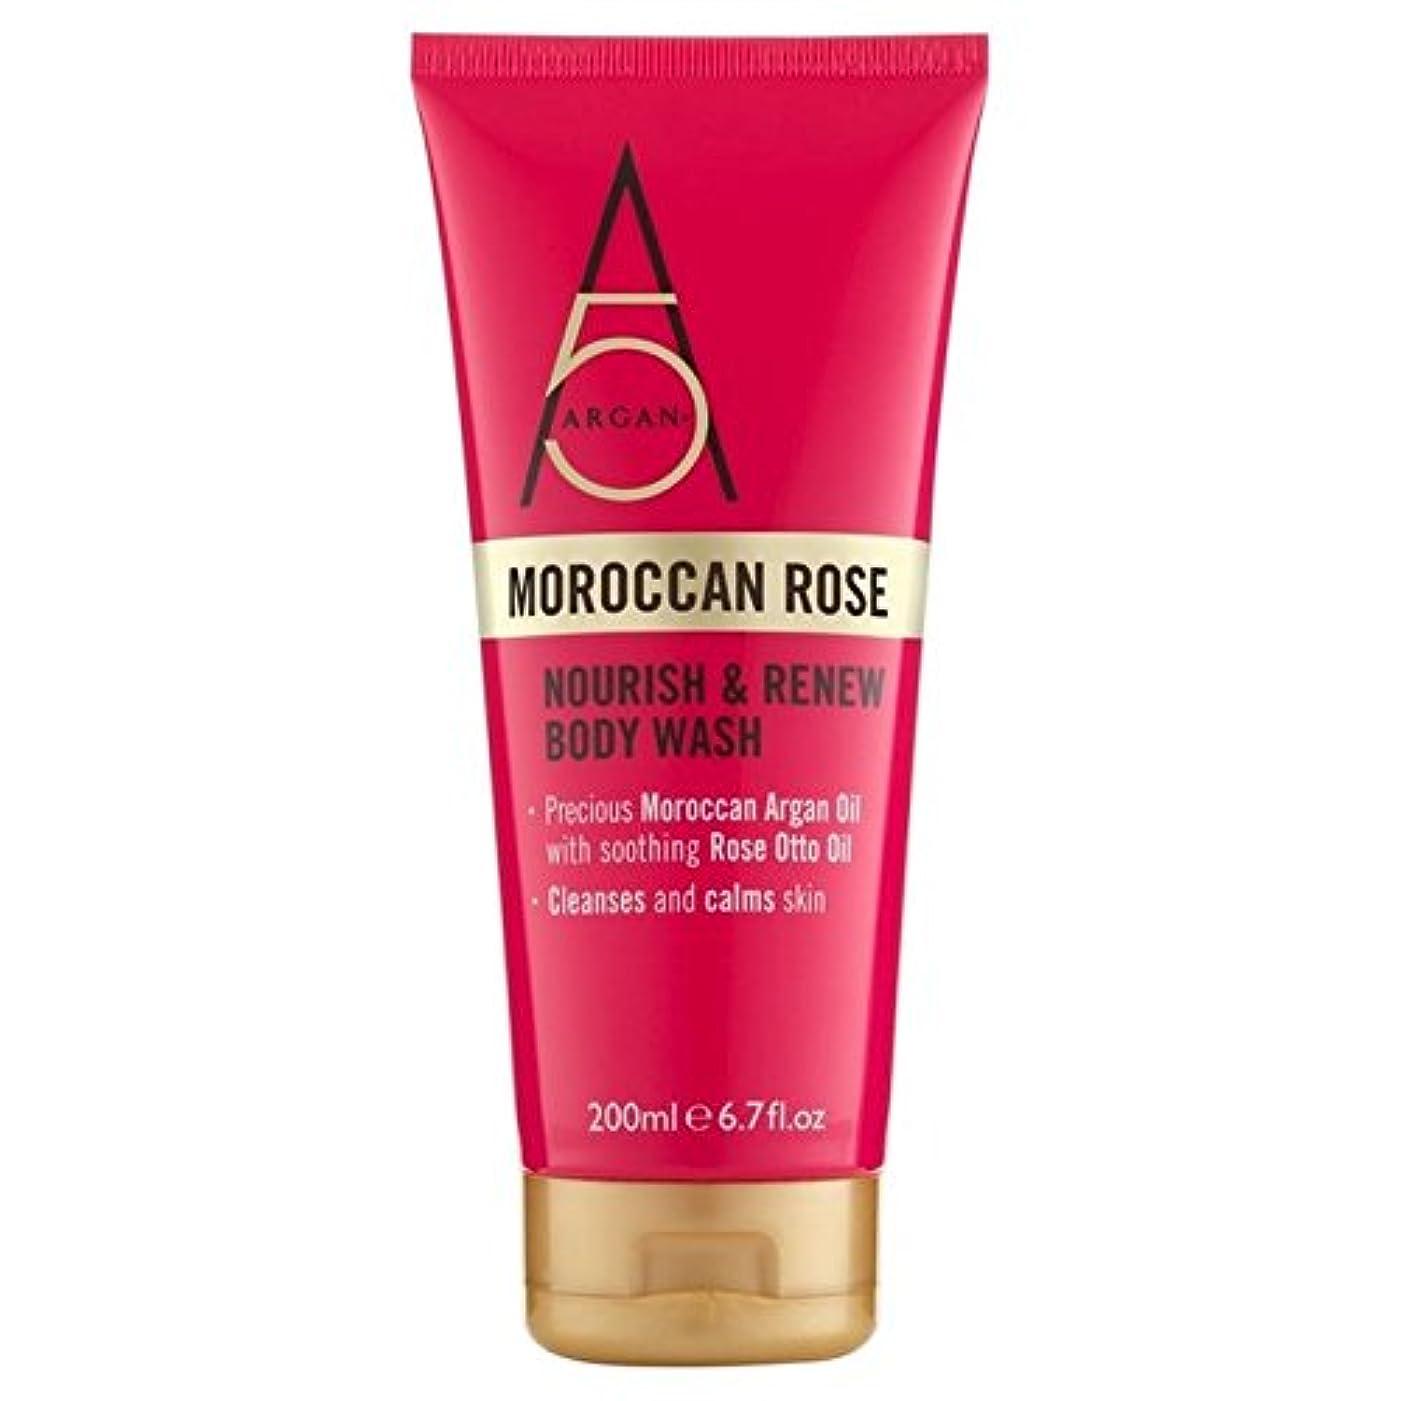 光電ひそかにレザーアルガン+モロッコは、ボディウォッシュ300ミリリットルをバラ x4 - Argan+ Moroccan Rose Body Wash 300ml (Pack of 4) [並行輸入品]